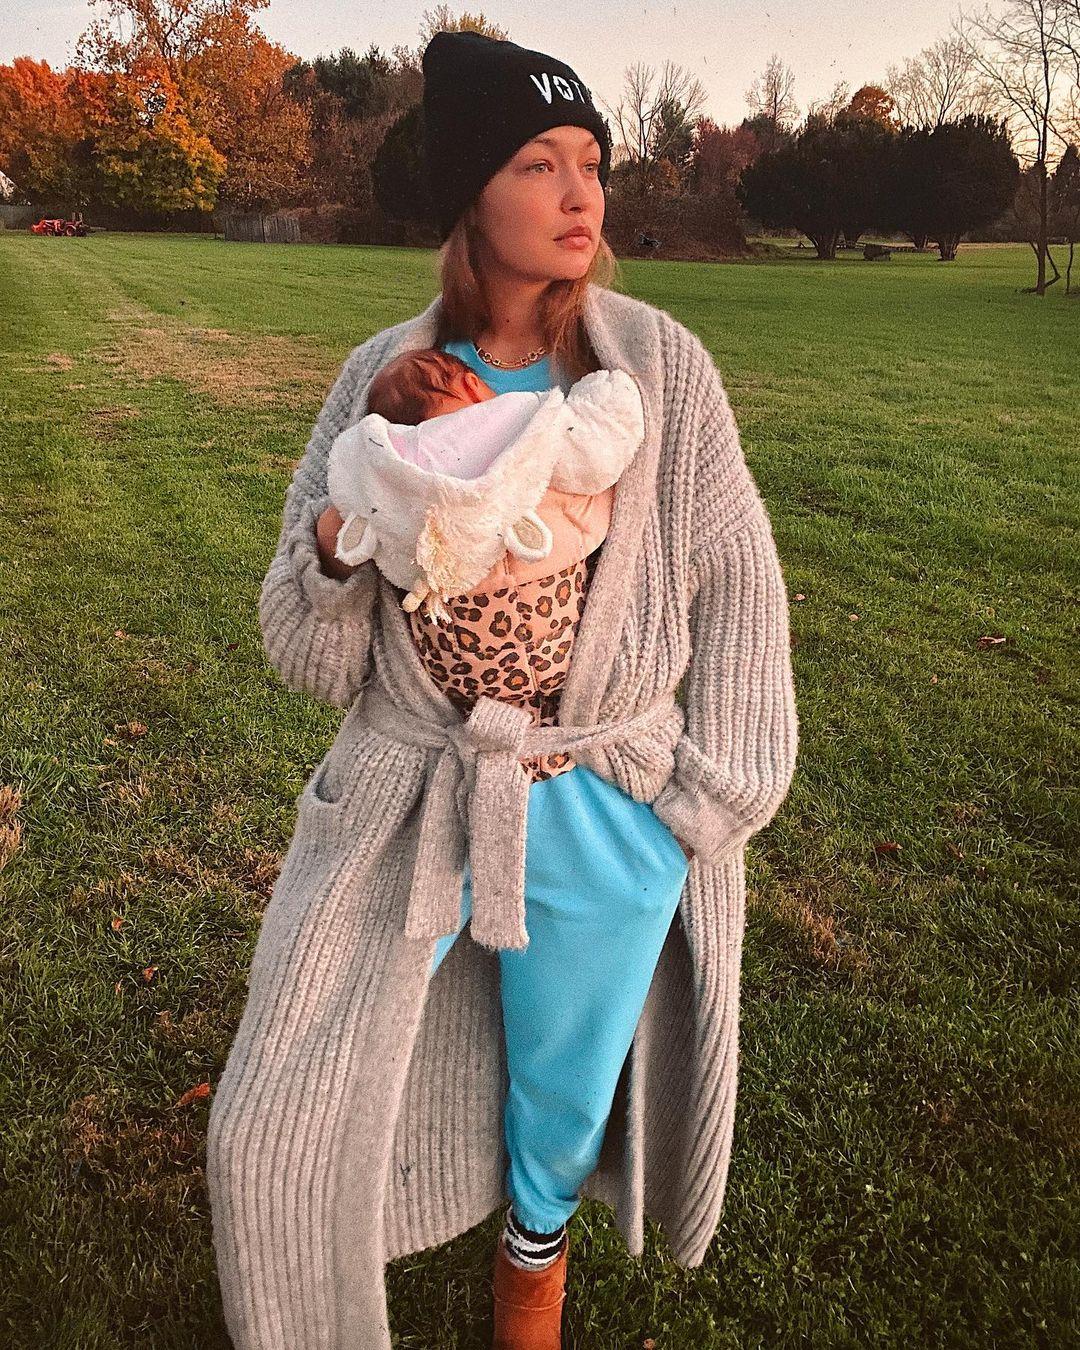 Gigi Hadid holding her newborn baby